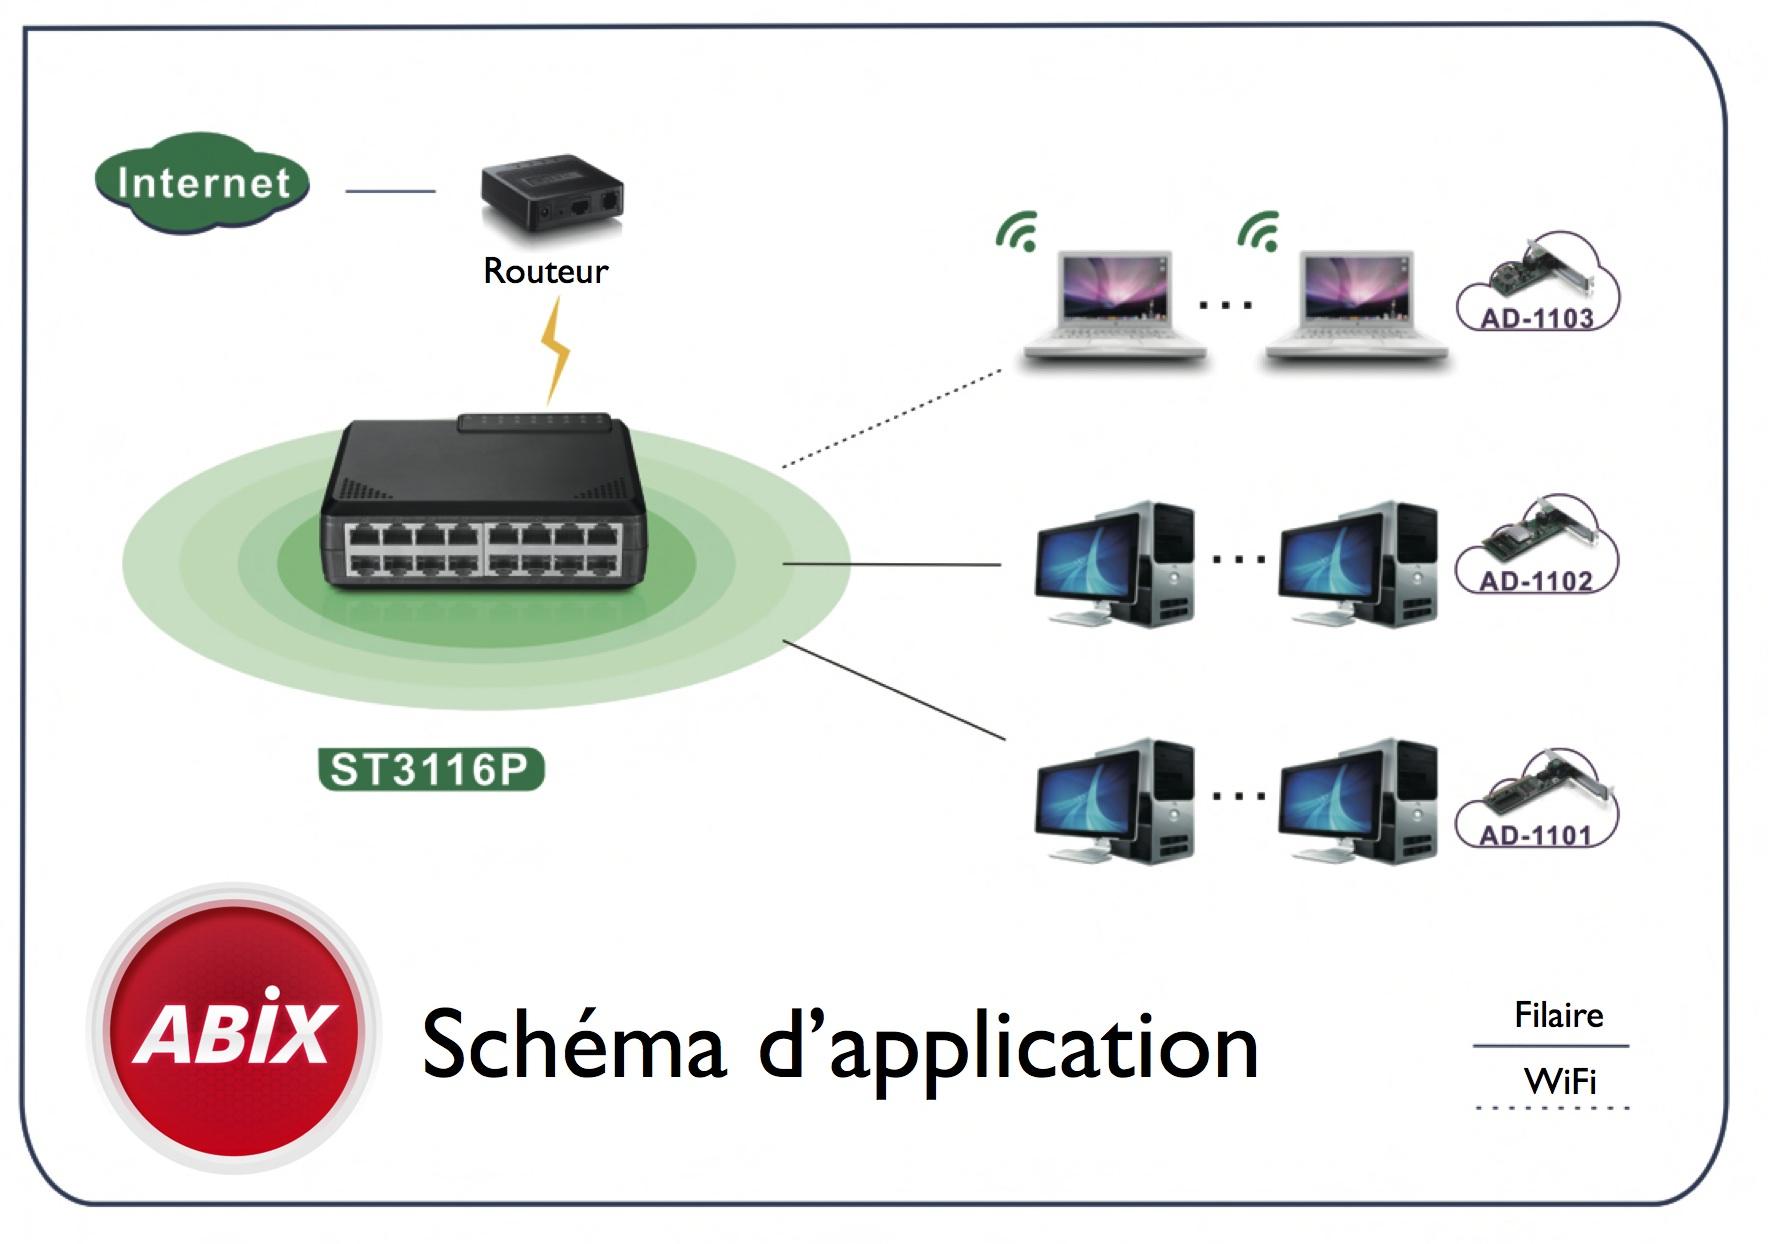 swicth 16 ports 10/100 : les applications possibles